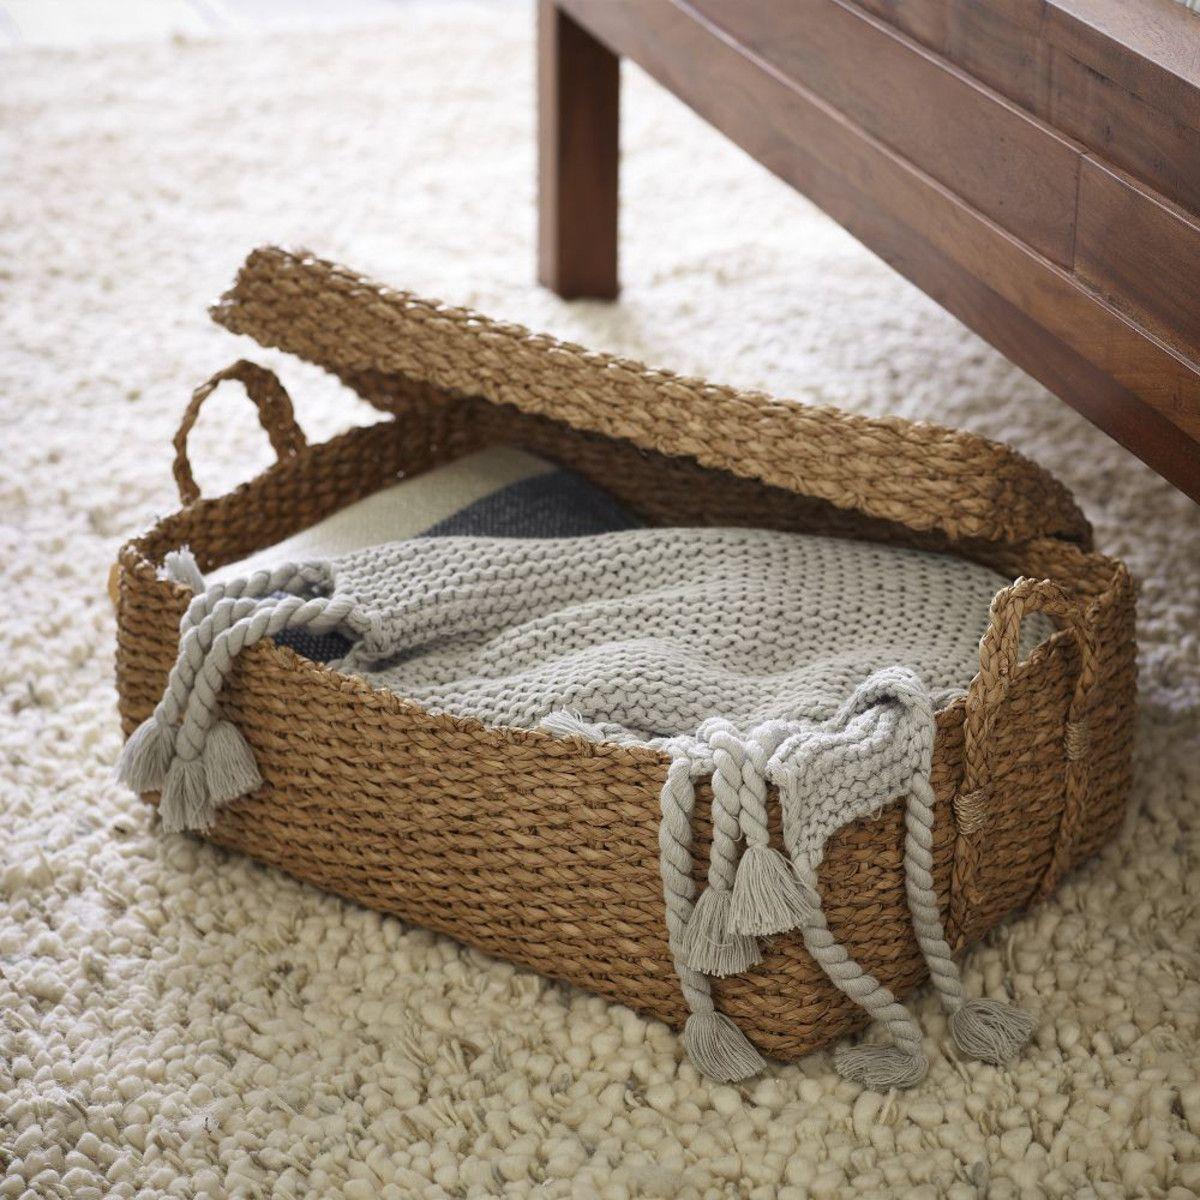 Home underbed storage baskets wicker underbed storage basket - Explore Under Bed Storage Bins And More Braided Storage Bin With Lid